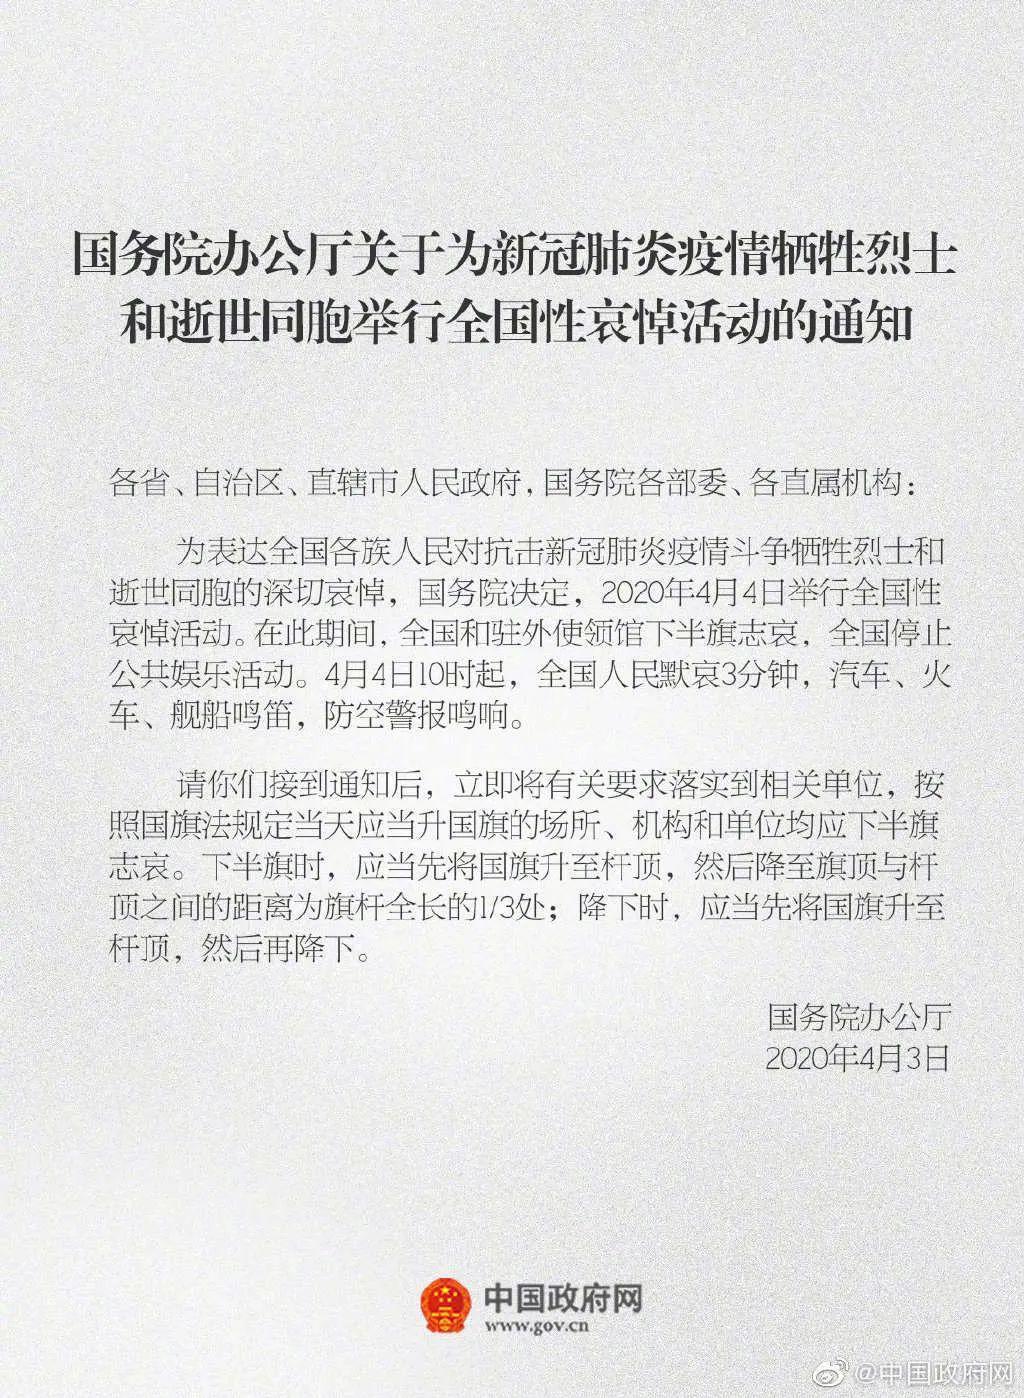 江苏新增境外输入病例2例